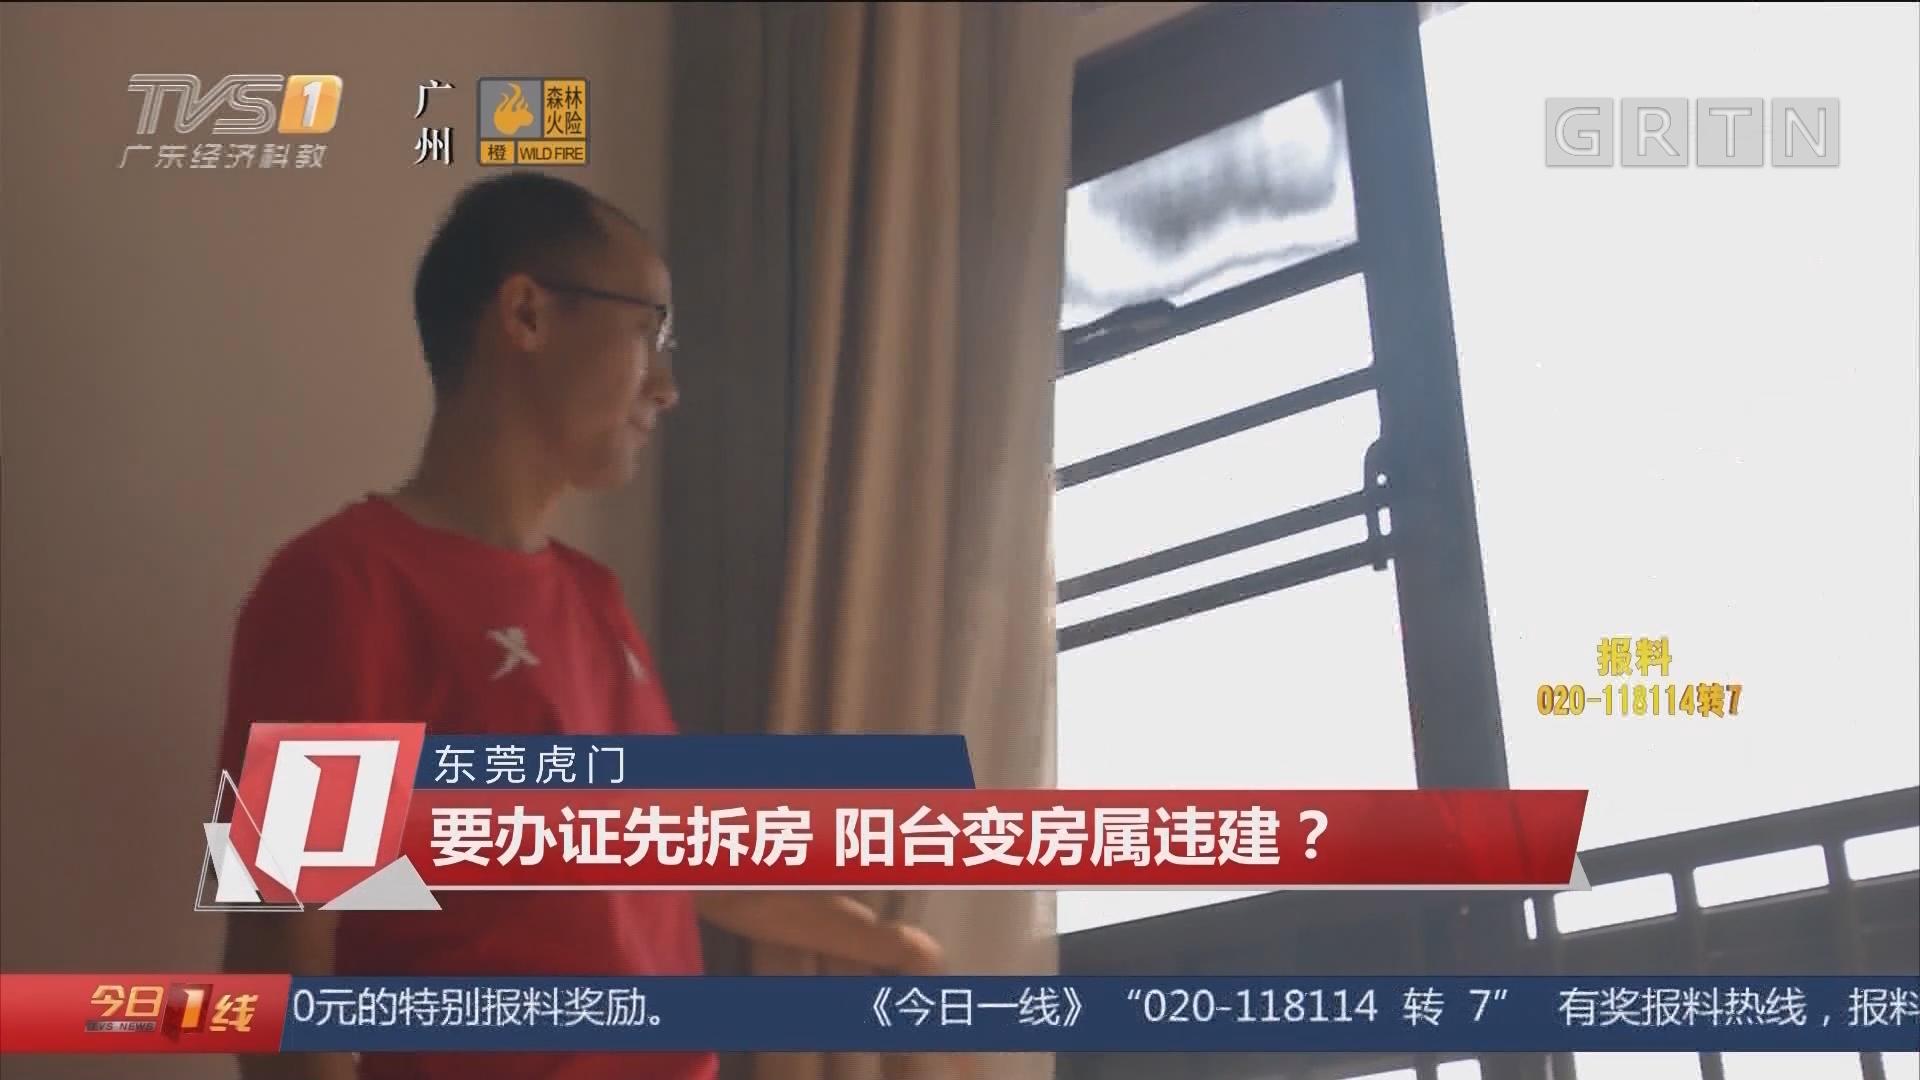 東莞虎門:要辦證先拆房 陽臺變房屬違建?